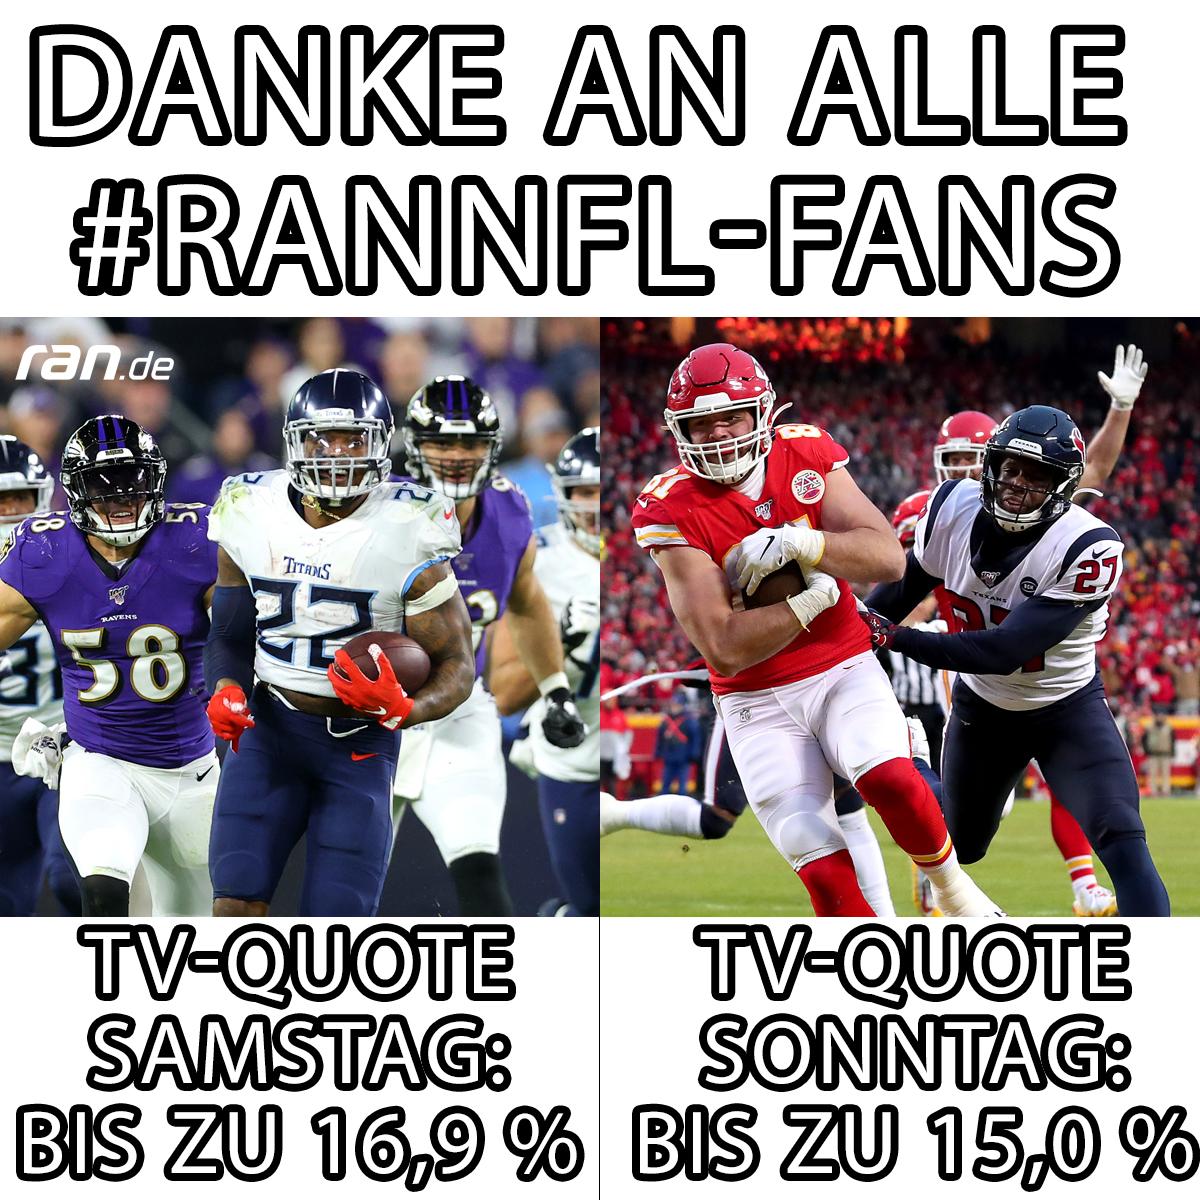 #ranNFL